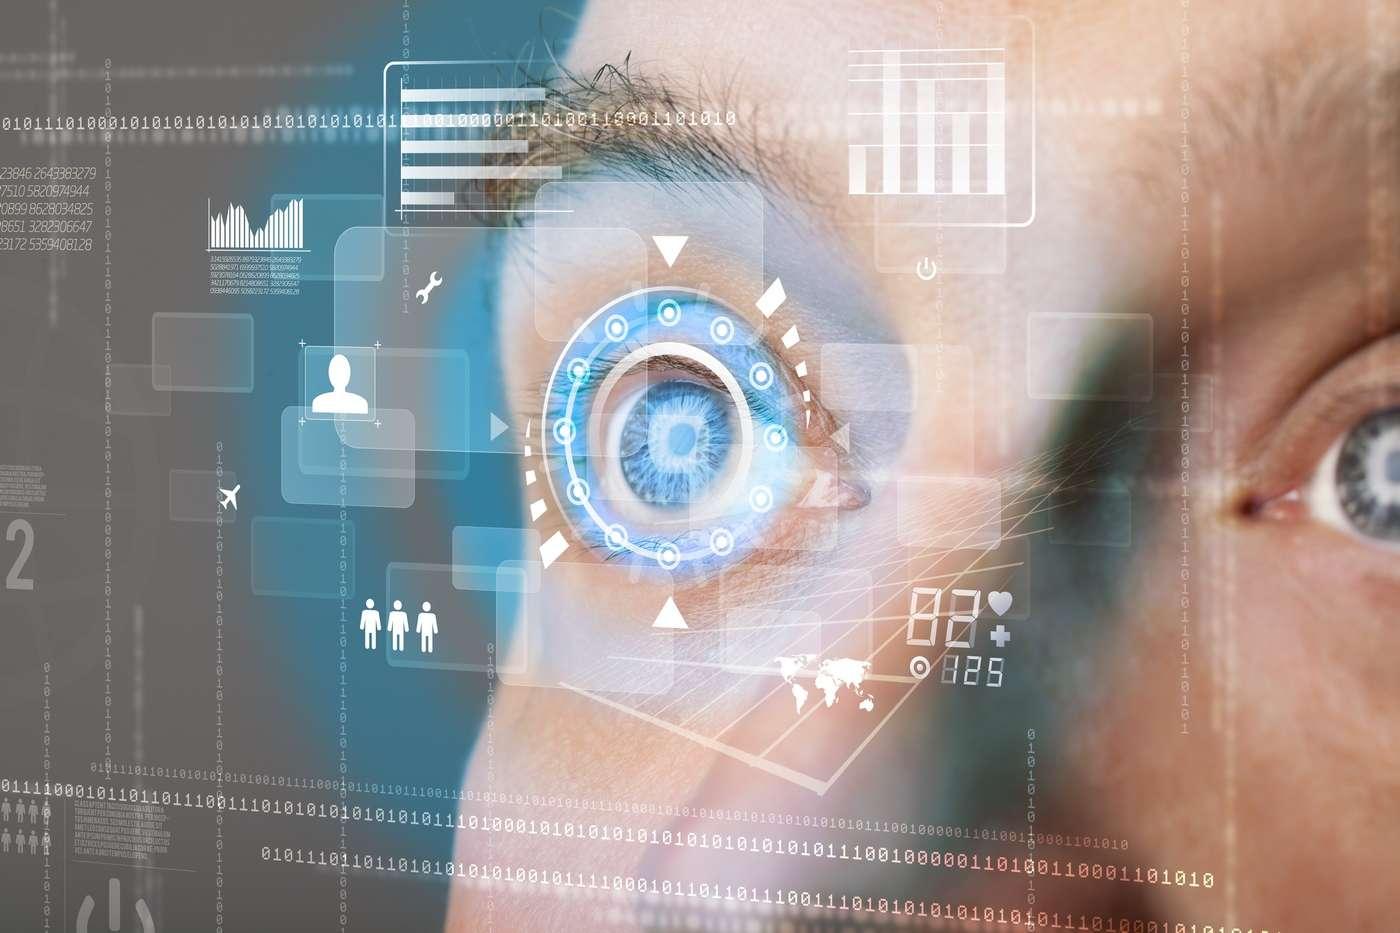 La détection du regard pour piloter des interfaces numériques n'est pas une nouveauté. Mais l'approche des chercheurs de l'université de Lancaster mise sur les mouvements oculaires pour proposer un fonctionnement plus ergonomique. © Ra2studio, Shutterstock